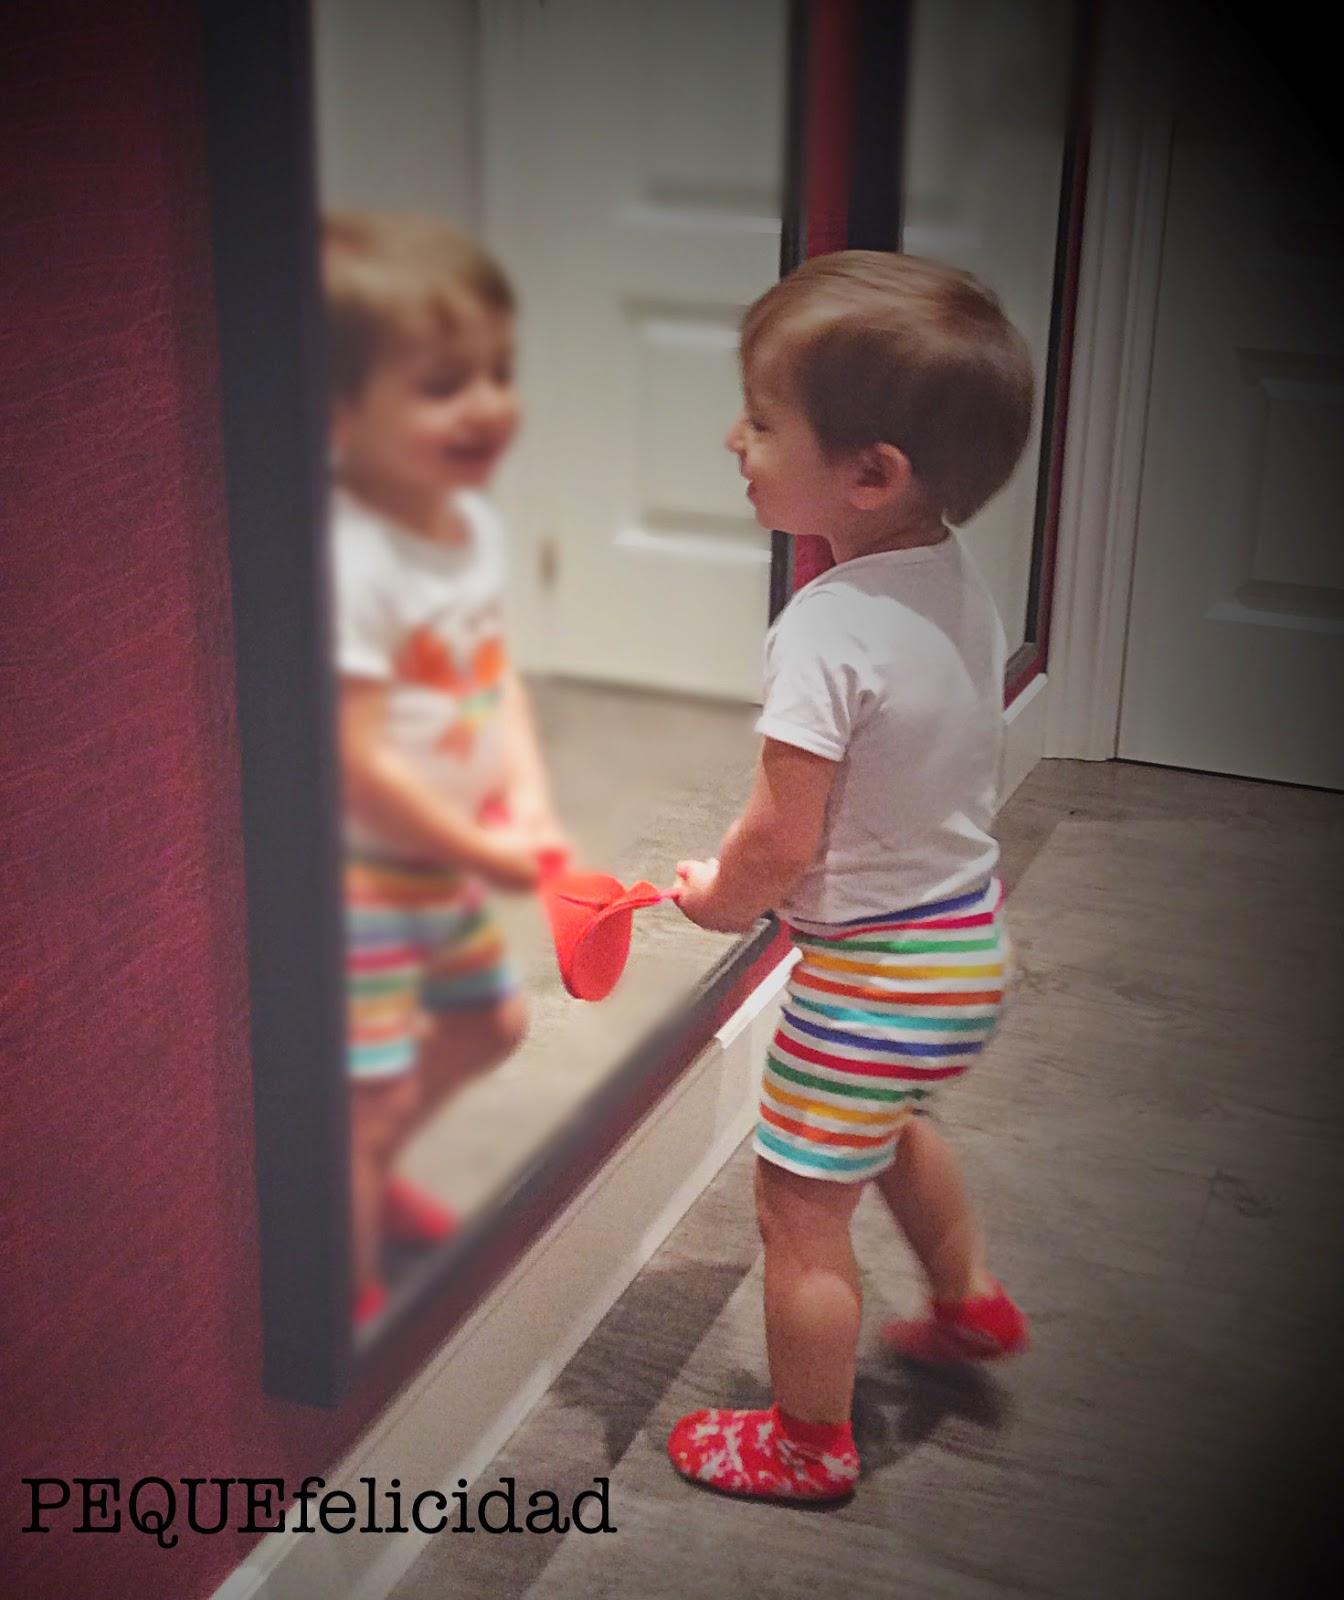 Pequefelicidad c mo ayudar a tu peque a gestionar sus emociones - A que altura colgar un espejo de cuerpo entero ...